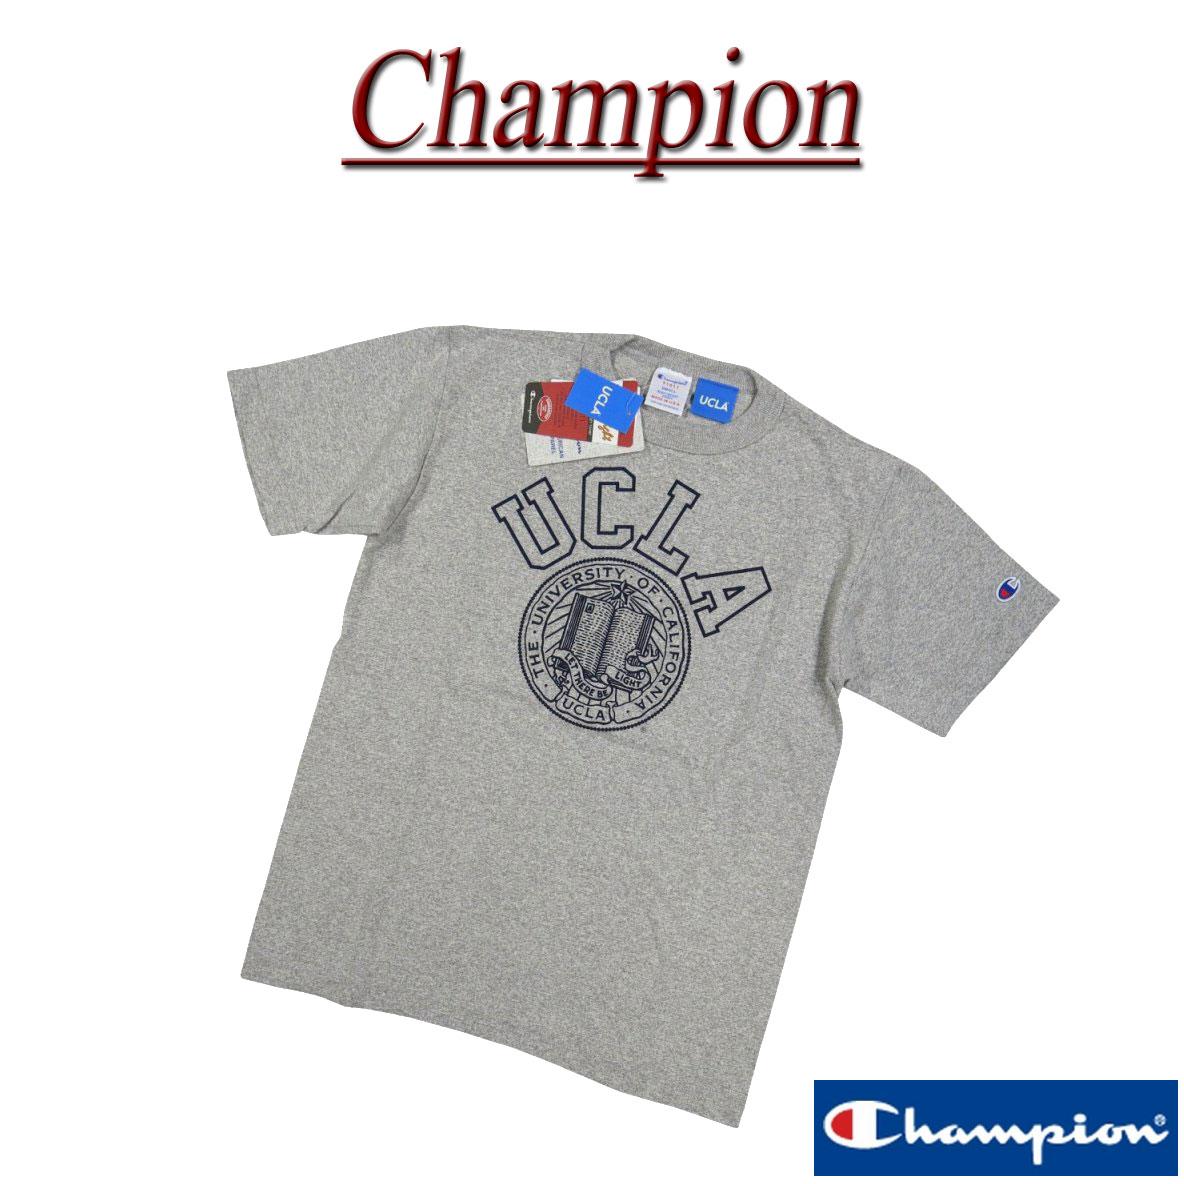 【4サイズ】 ja482 新品 Champion × UCLA コラボ USA製 染み込みプリント 半袖 Tシャツ C5-H303 メンズ T1011 チャンピオン ティーテンイレブン カレッジプリント ティーシャツ トリコタグ MADE IN USA